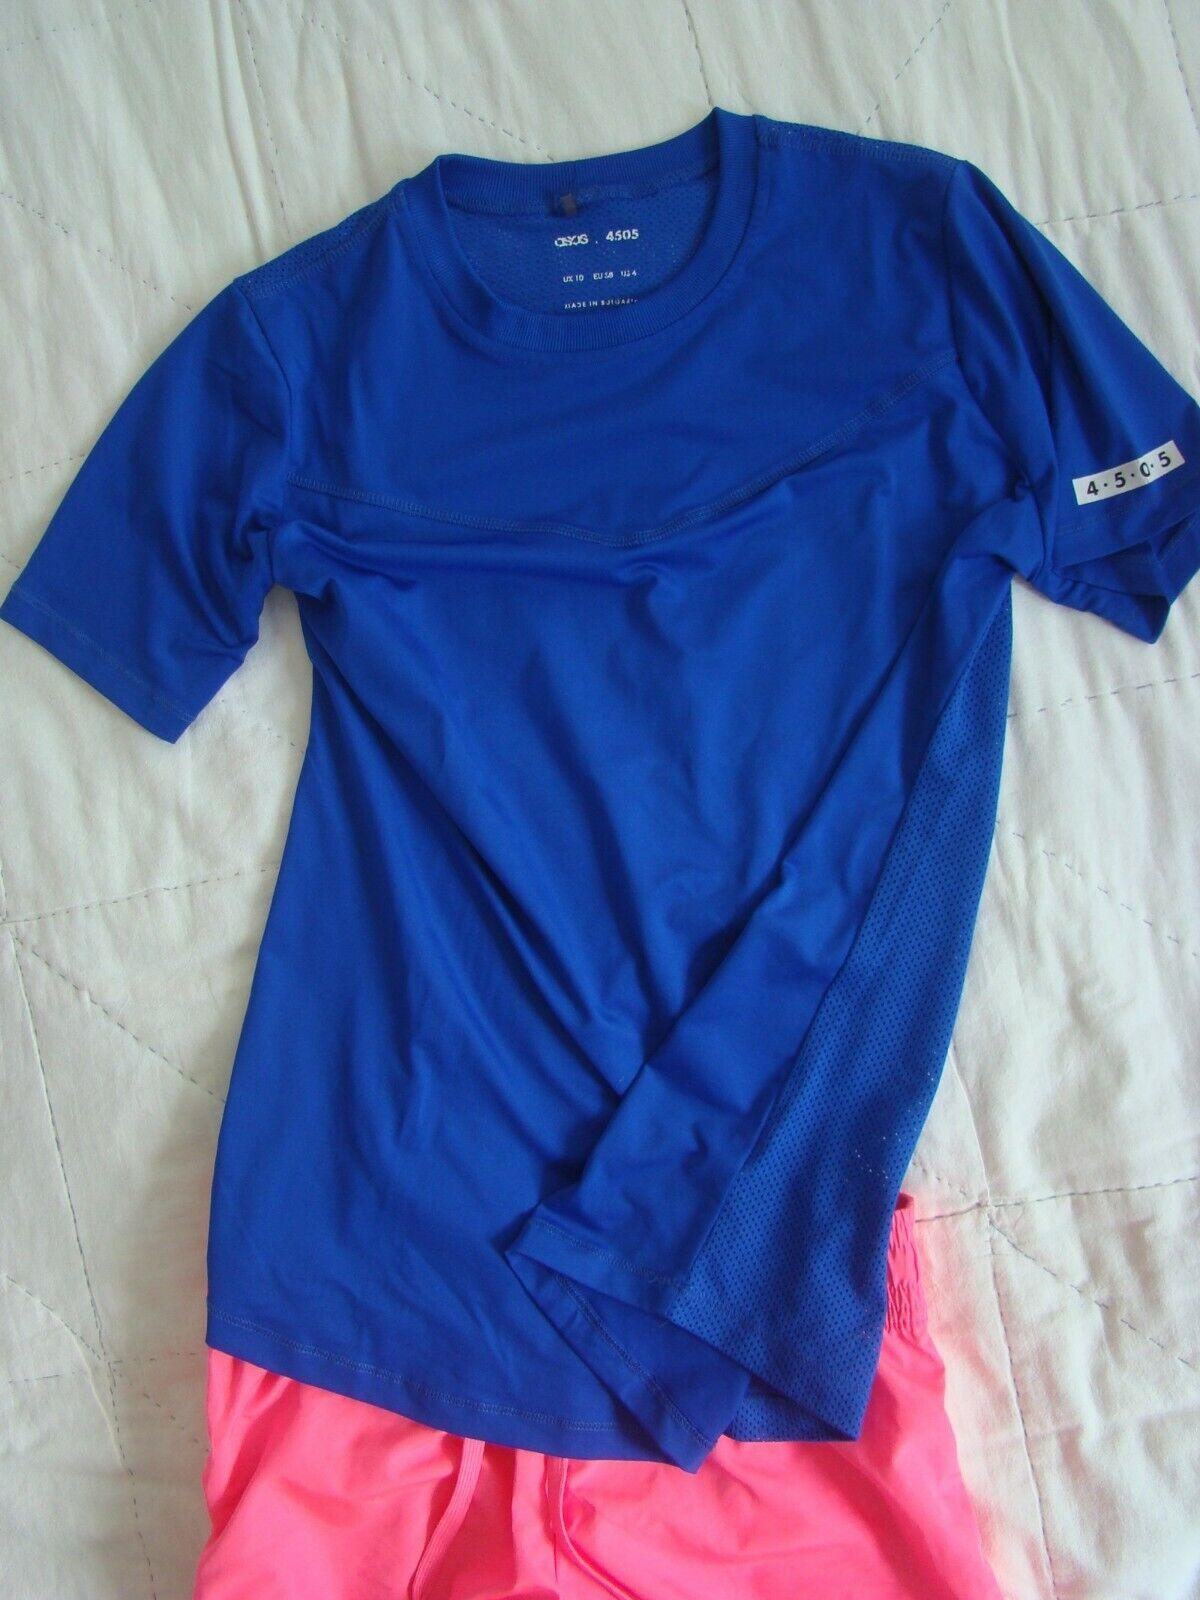 ASOS 4505 Damen Sport Shirt kurzarm luftig Gr. 38